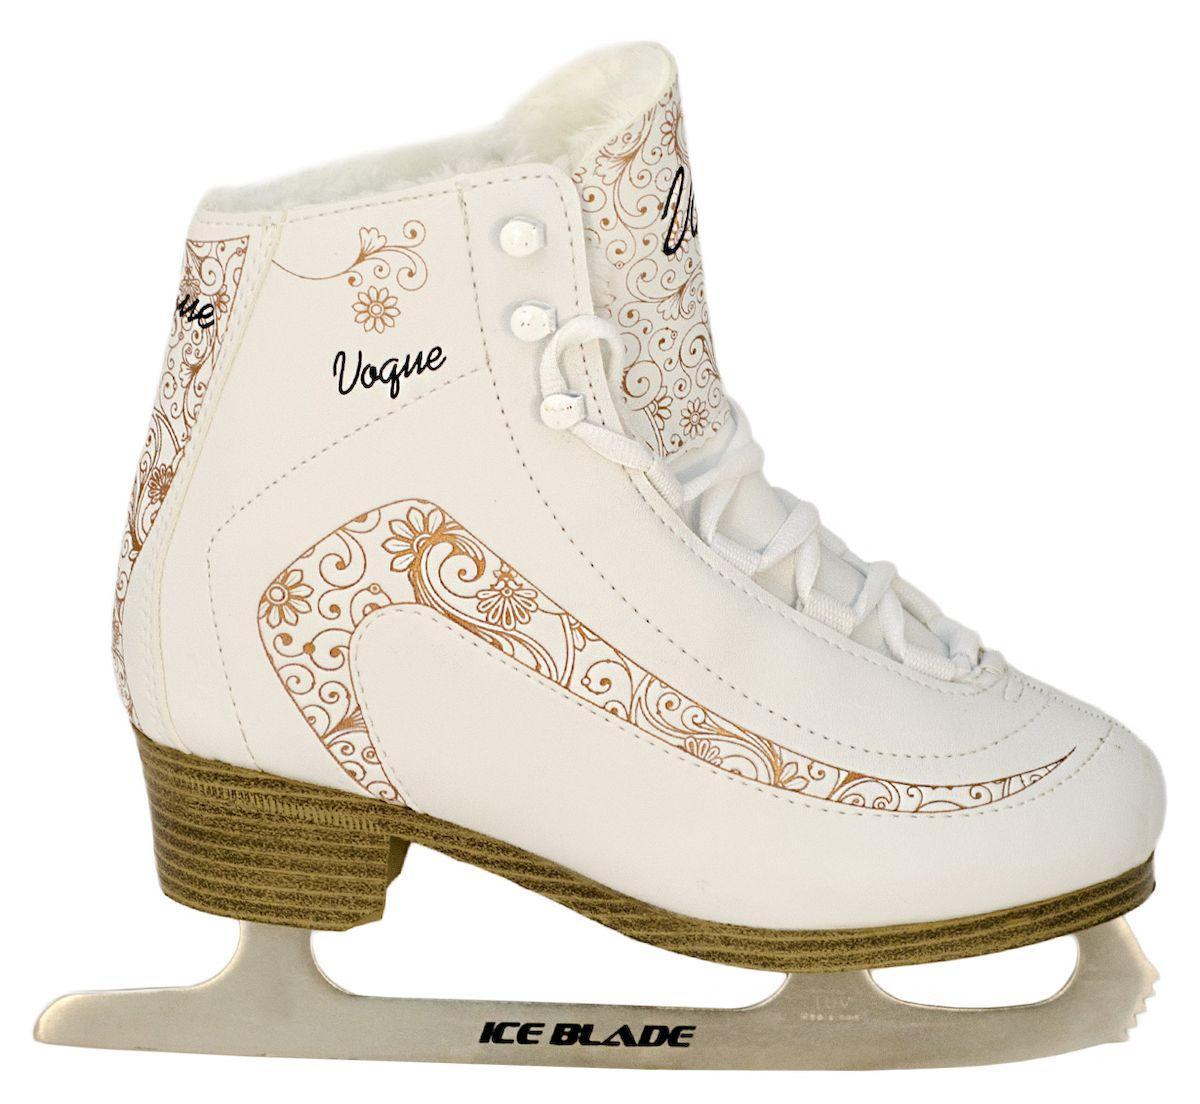 Коньки фигурные Ice Blade Vogue, цвет: белый, золотой. УТ-00006871. Размер 38